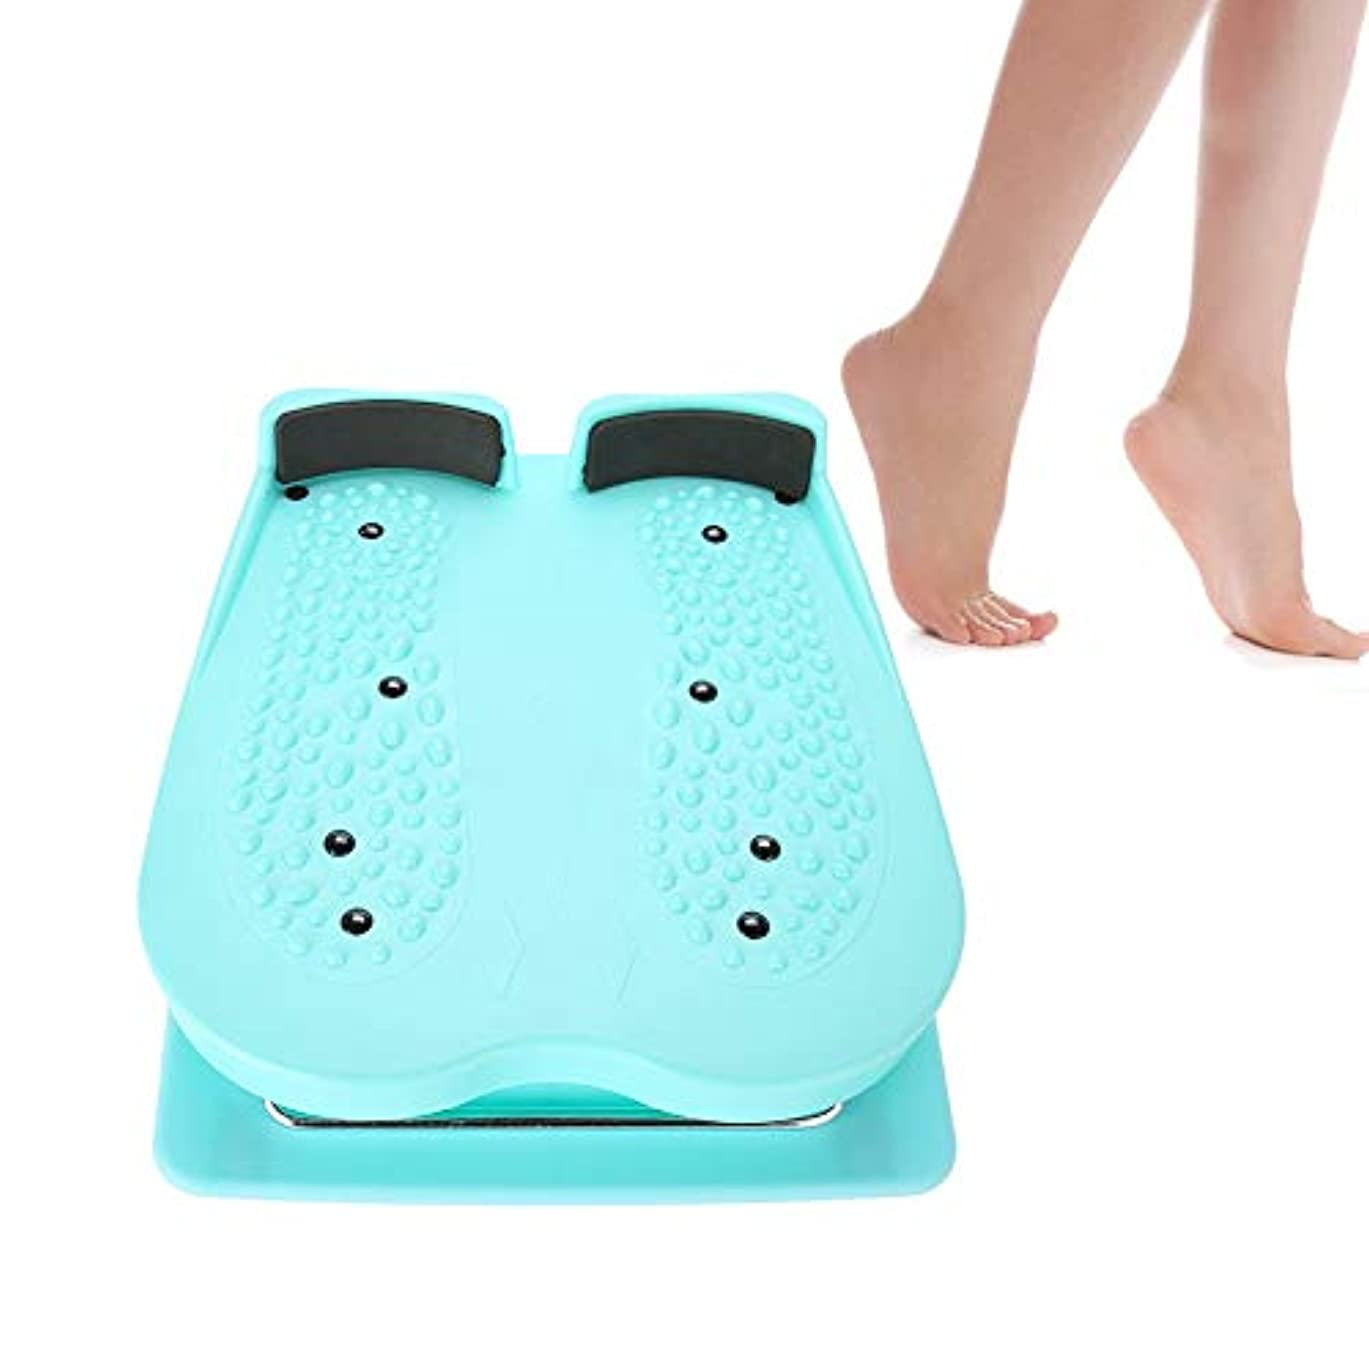 ファーザーファージュシーズン間違い足の伸張器の多傾斜板、ふくらはぎの伸張器の調節可能な傾斜板傾斜の伸張の世帯の折る足のマッサージの足の細くの適性のくさびの傾斜ペダル板